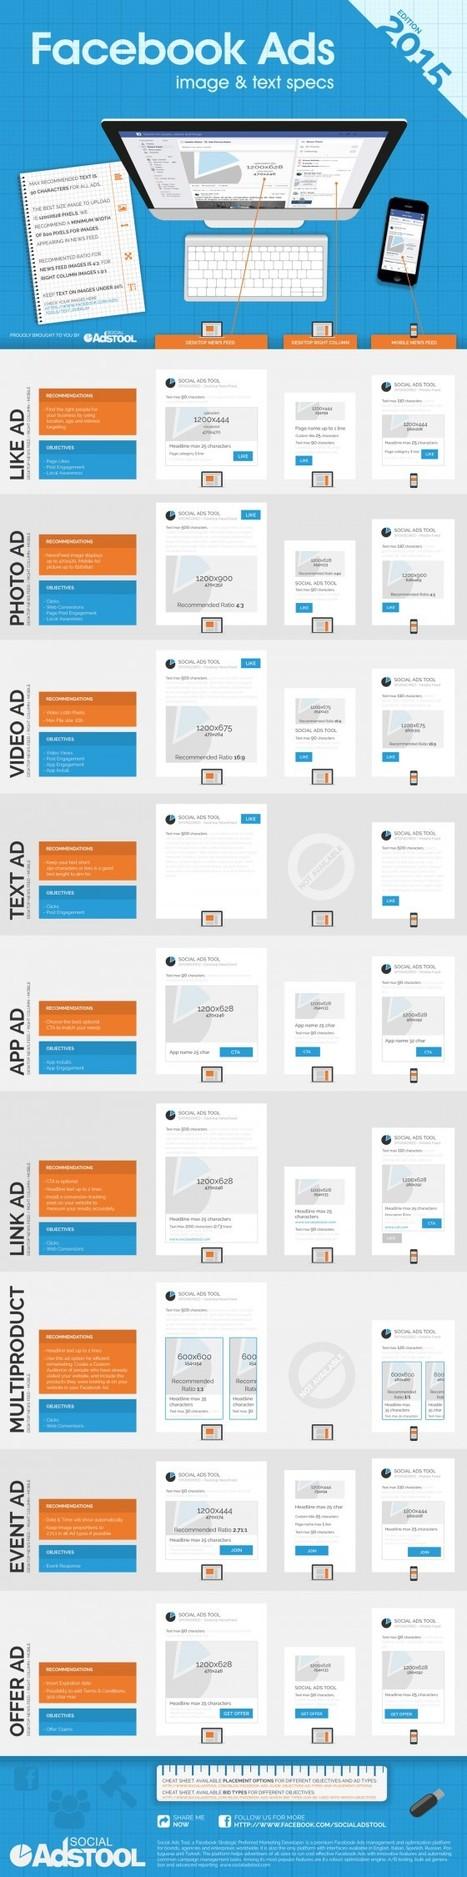 [Infographie] Le guide des spécifications pour les annonces Facebook | Geeks | Scoop.it